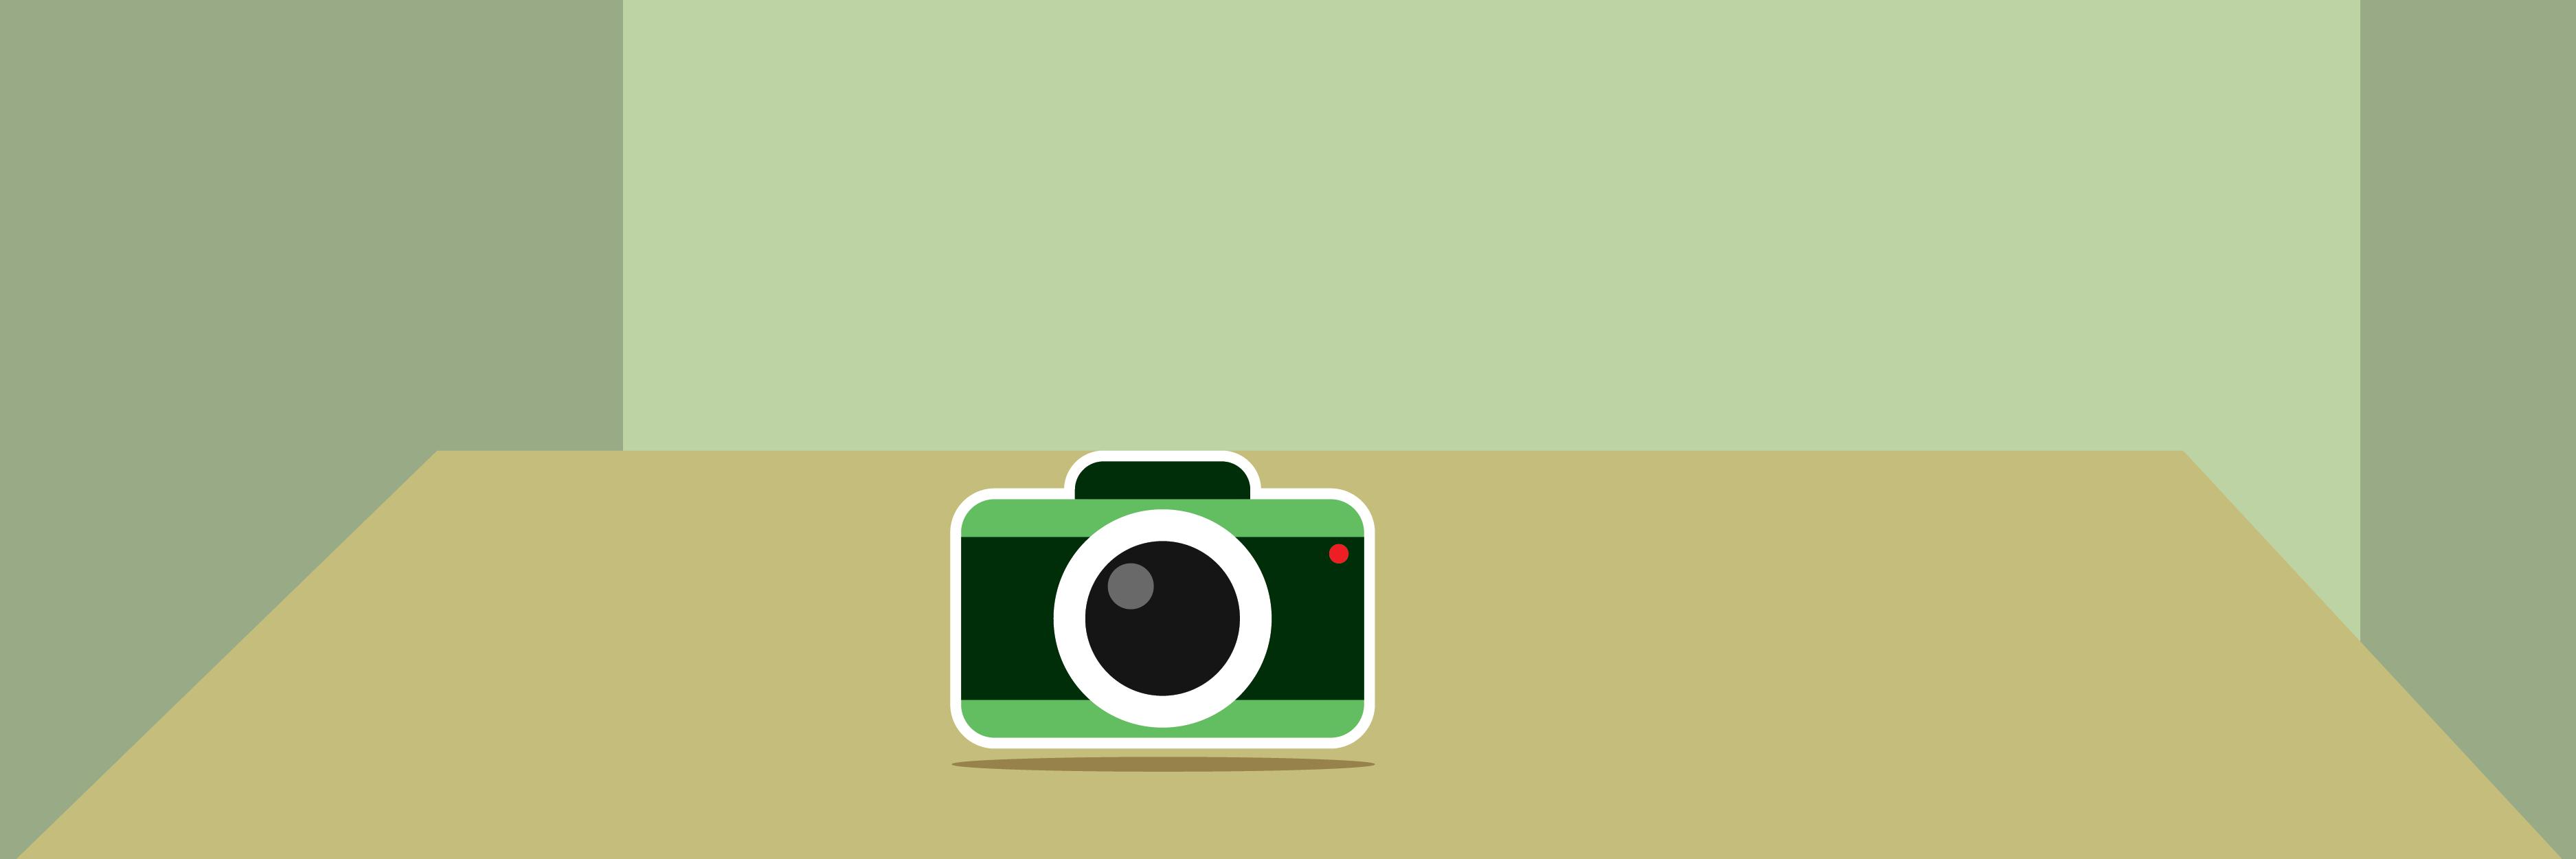 Seguro Equipamento Fotográfico - Lima & Figueiredo Fazendo a Diferença Quando Você Mais Precisa